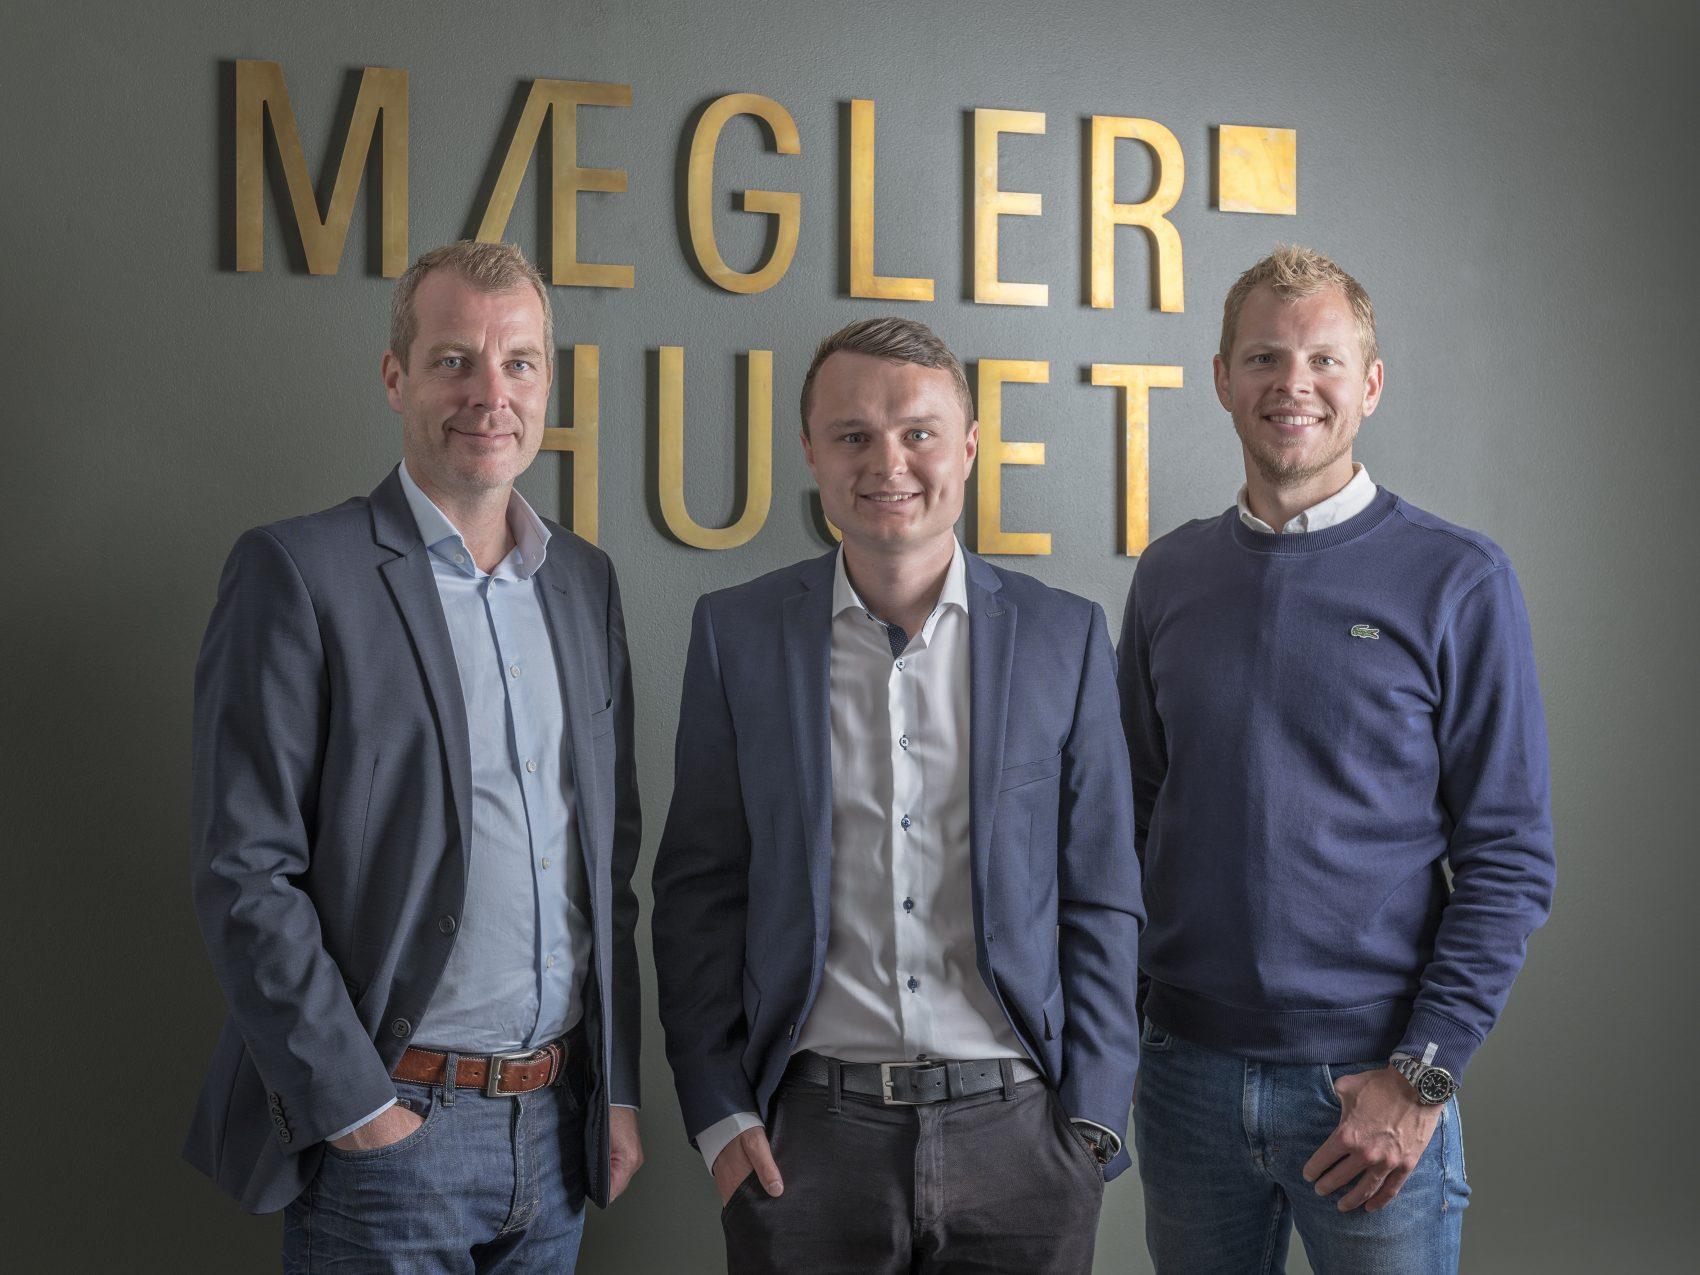 Fra venstre: Mads Sørensen, Simon Rye og Thomas Skifter Andersen